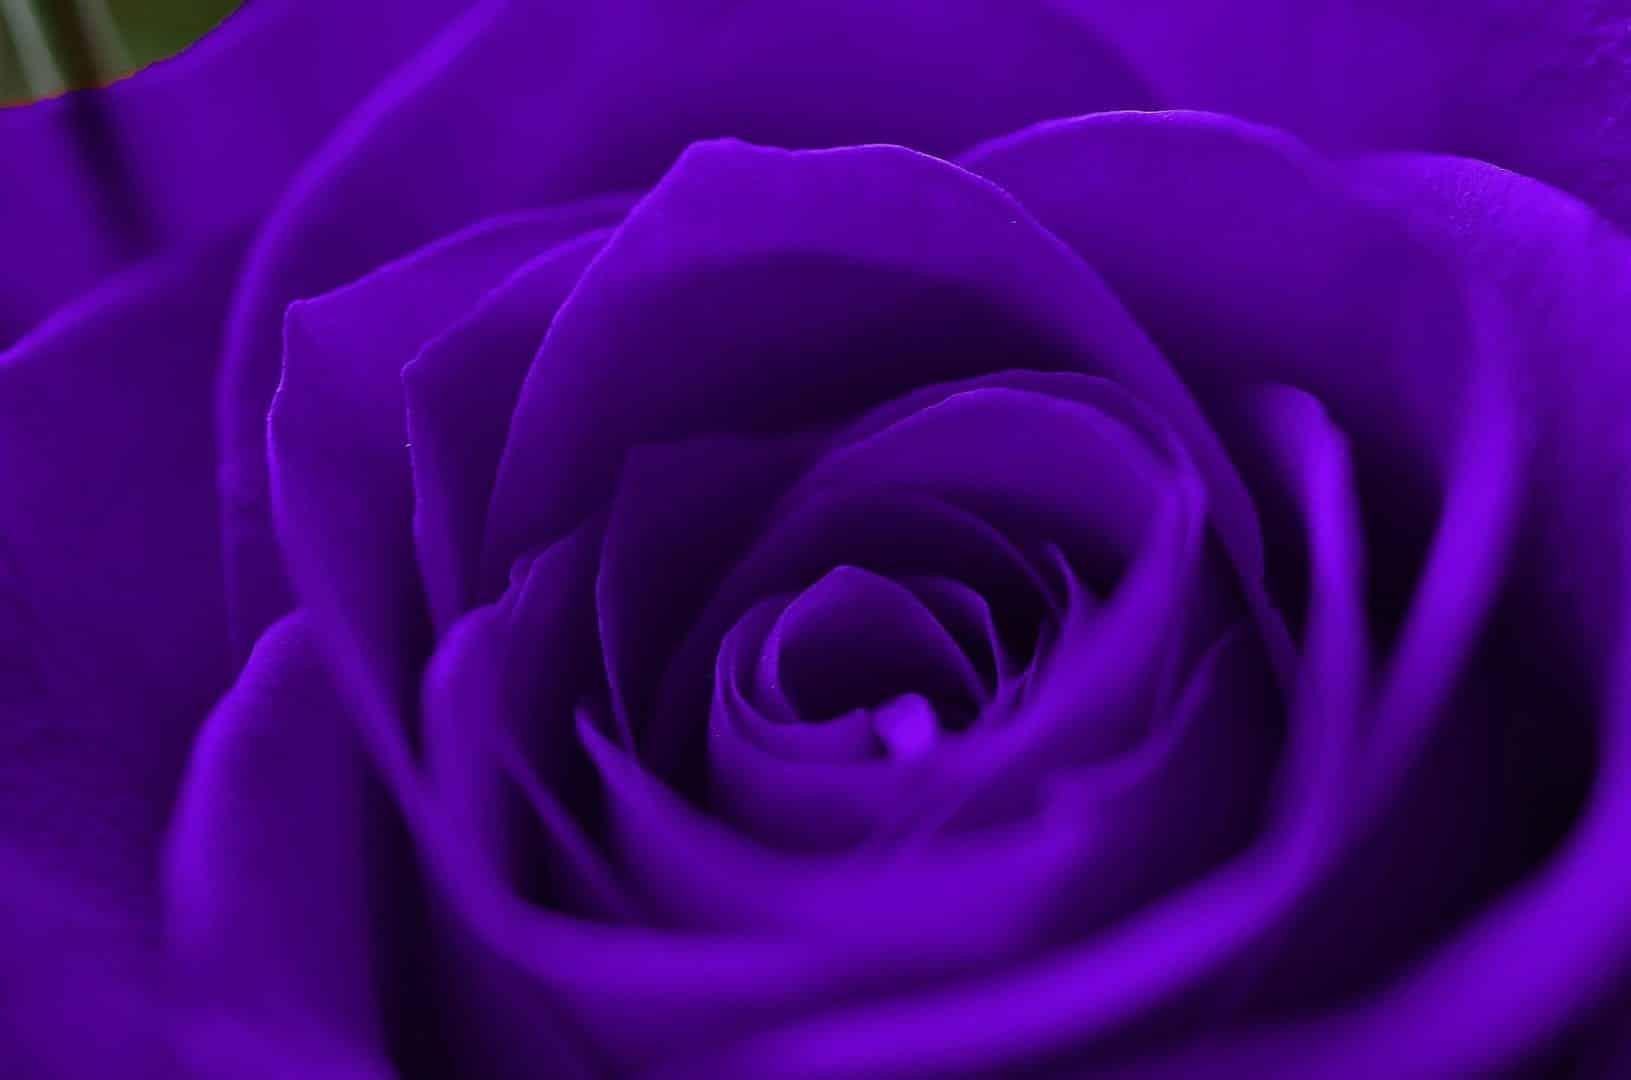 Roxo - Conheça 50 curiosidades sobre a cor que tem diversos significados